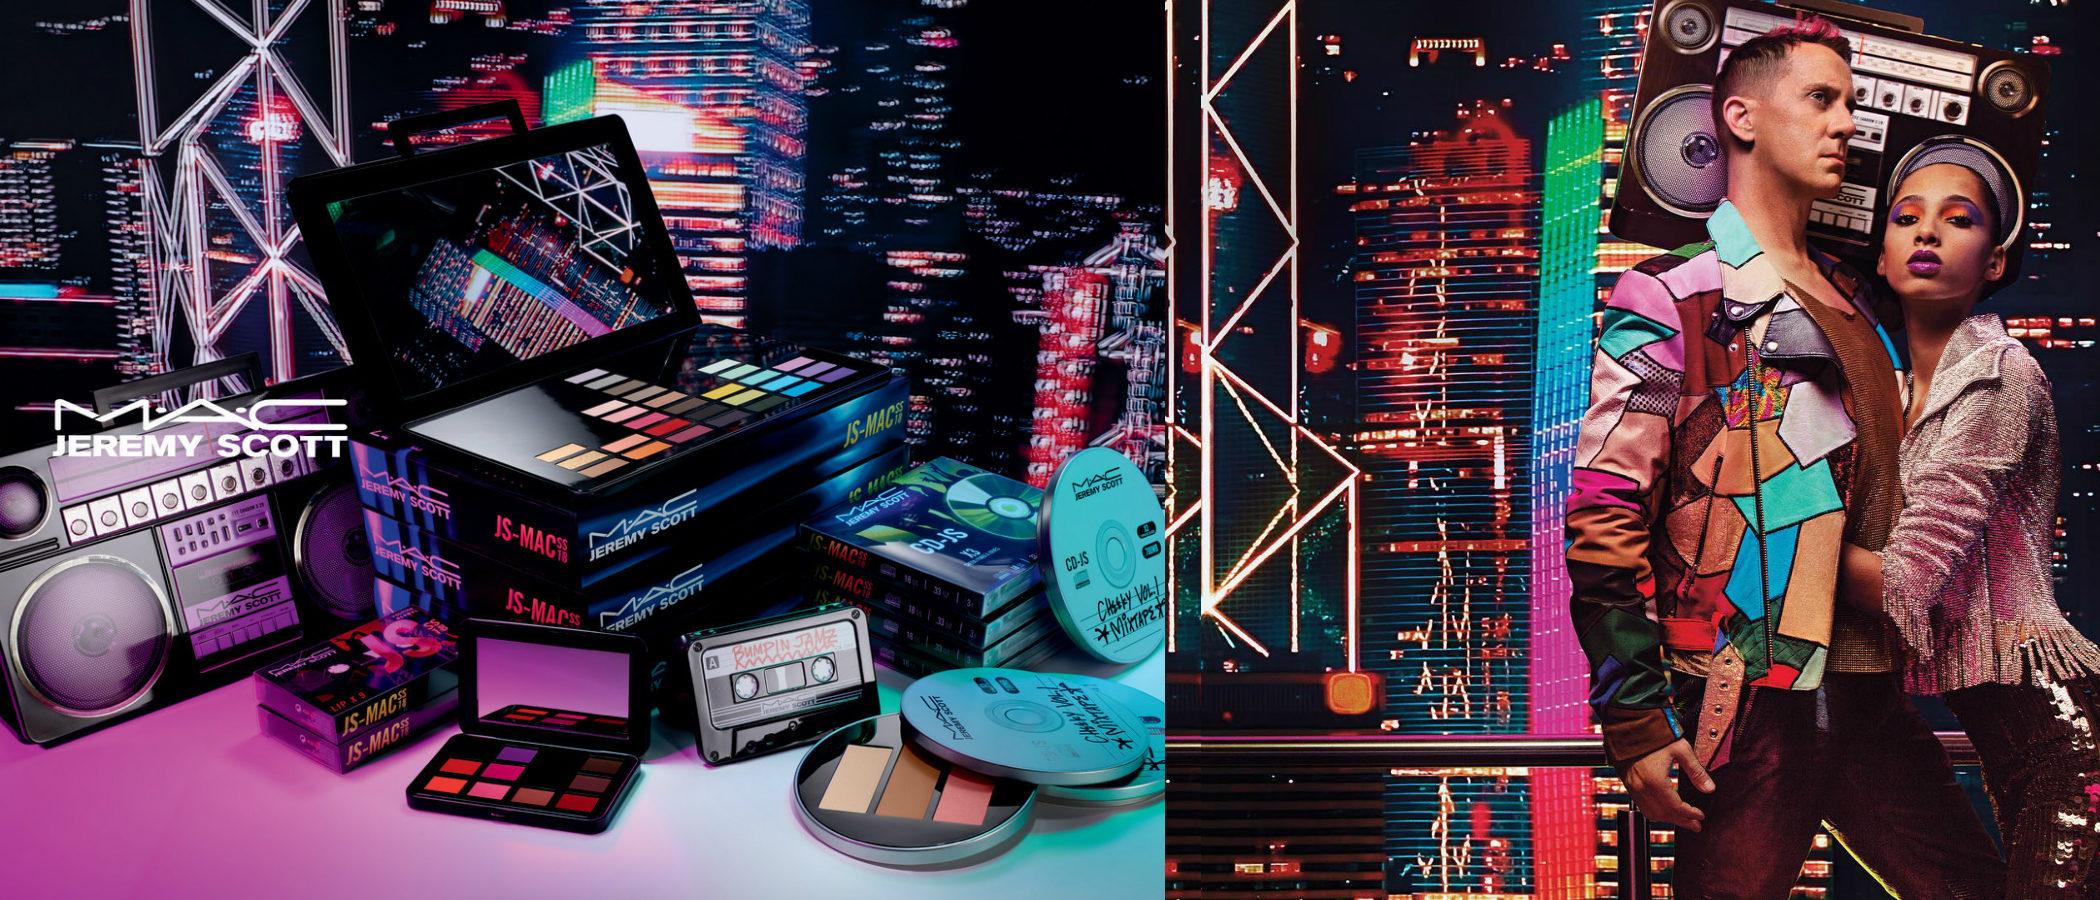 MAC y Jeremy Scott se unen para lanzar la colección de maquillaje más musical y noventera de la temporada